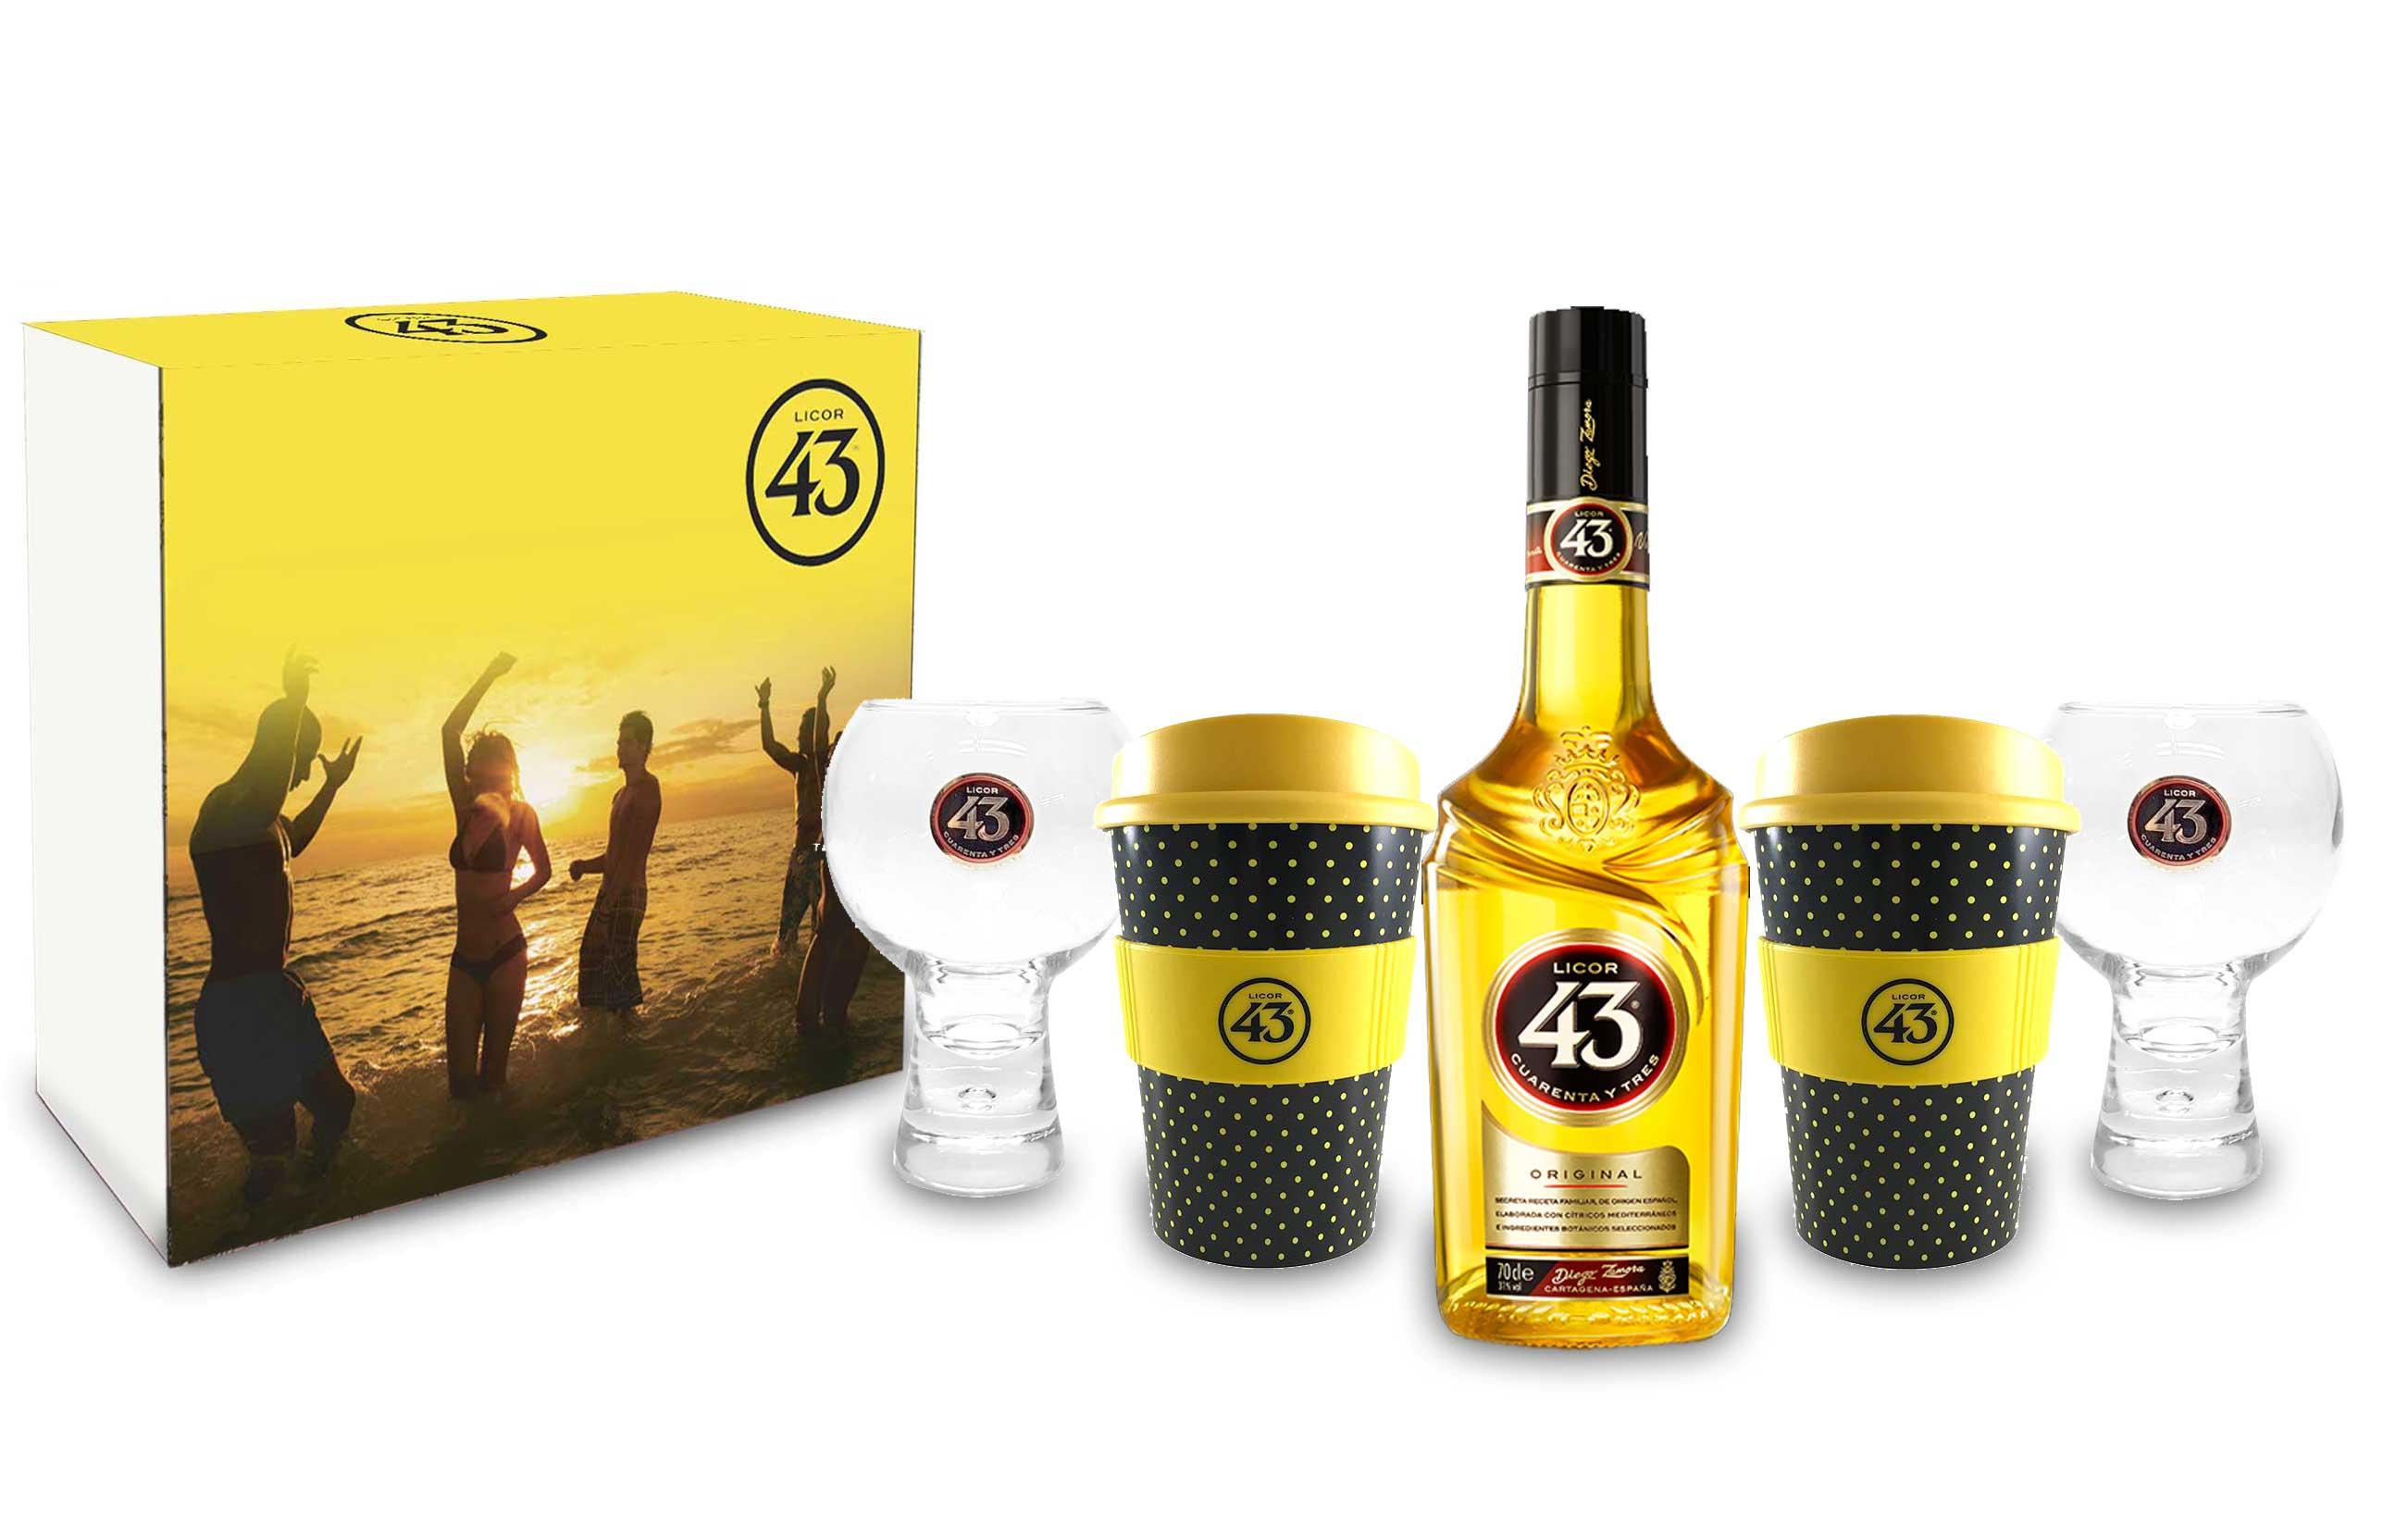 Licor 43 Schuber Geschenkset Cuarenta y Tres 0,7l (31% Vol) + 2x Ballon Tumbler Gläser +2 Likör Liquor 43 Kaffee Becher- [Enthält Sulfite]